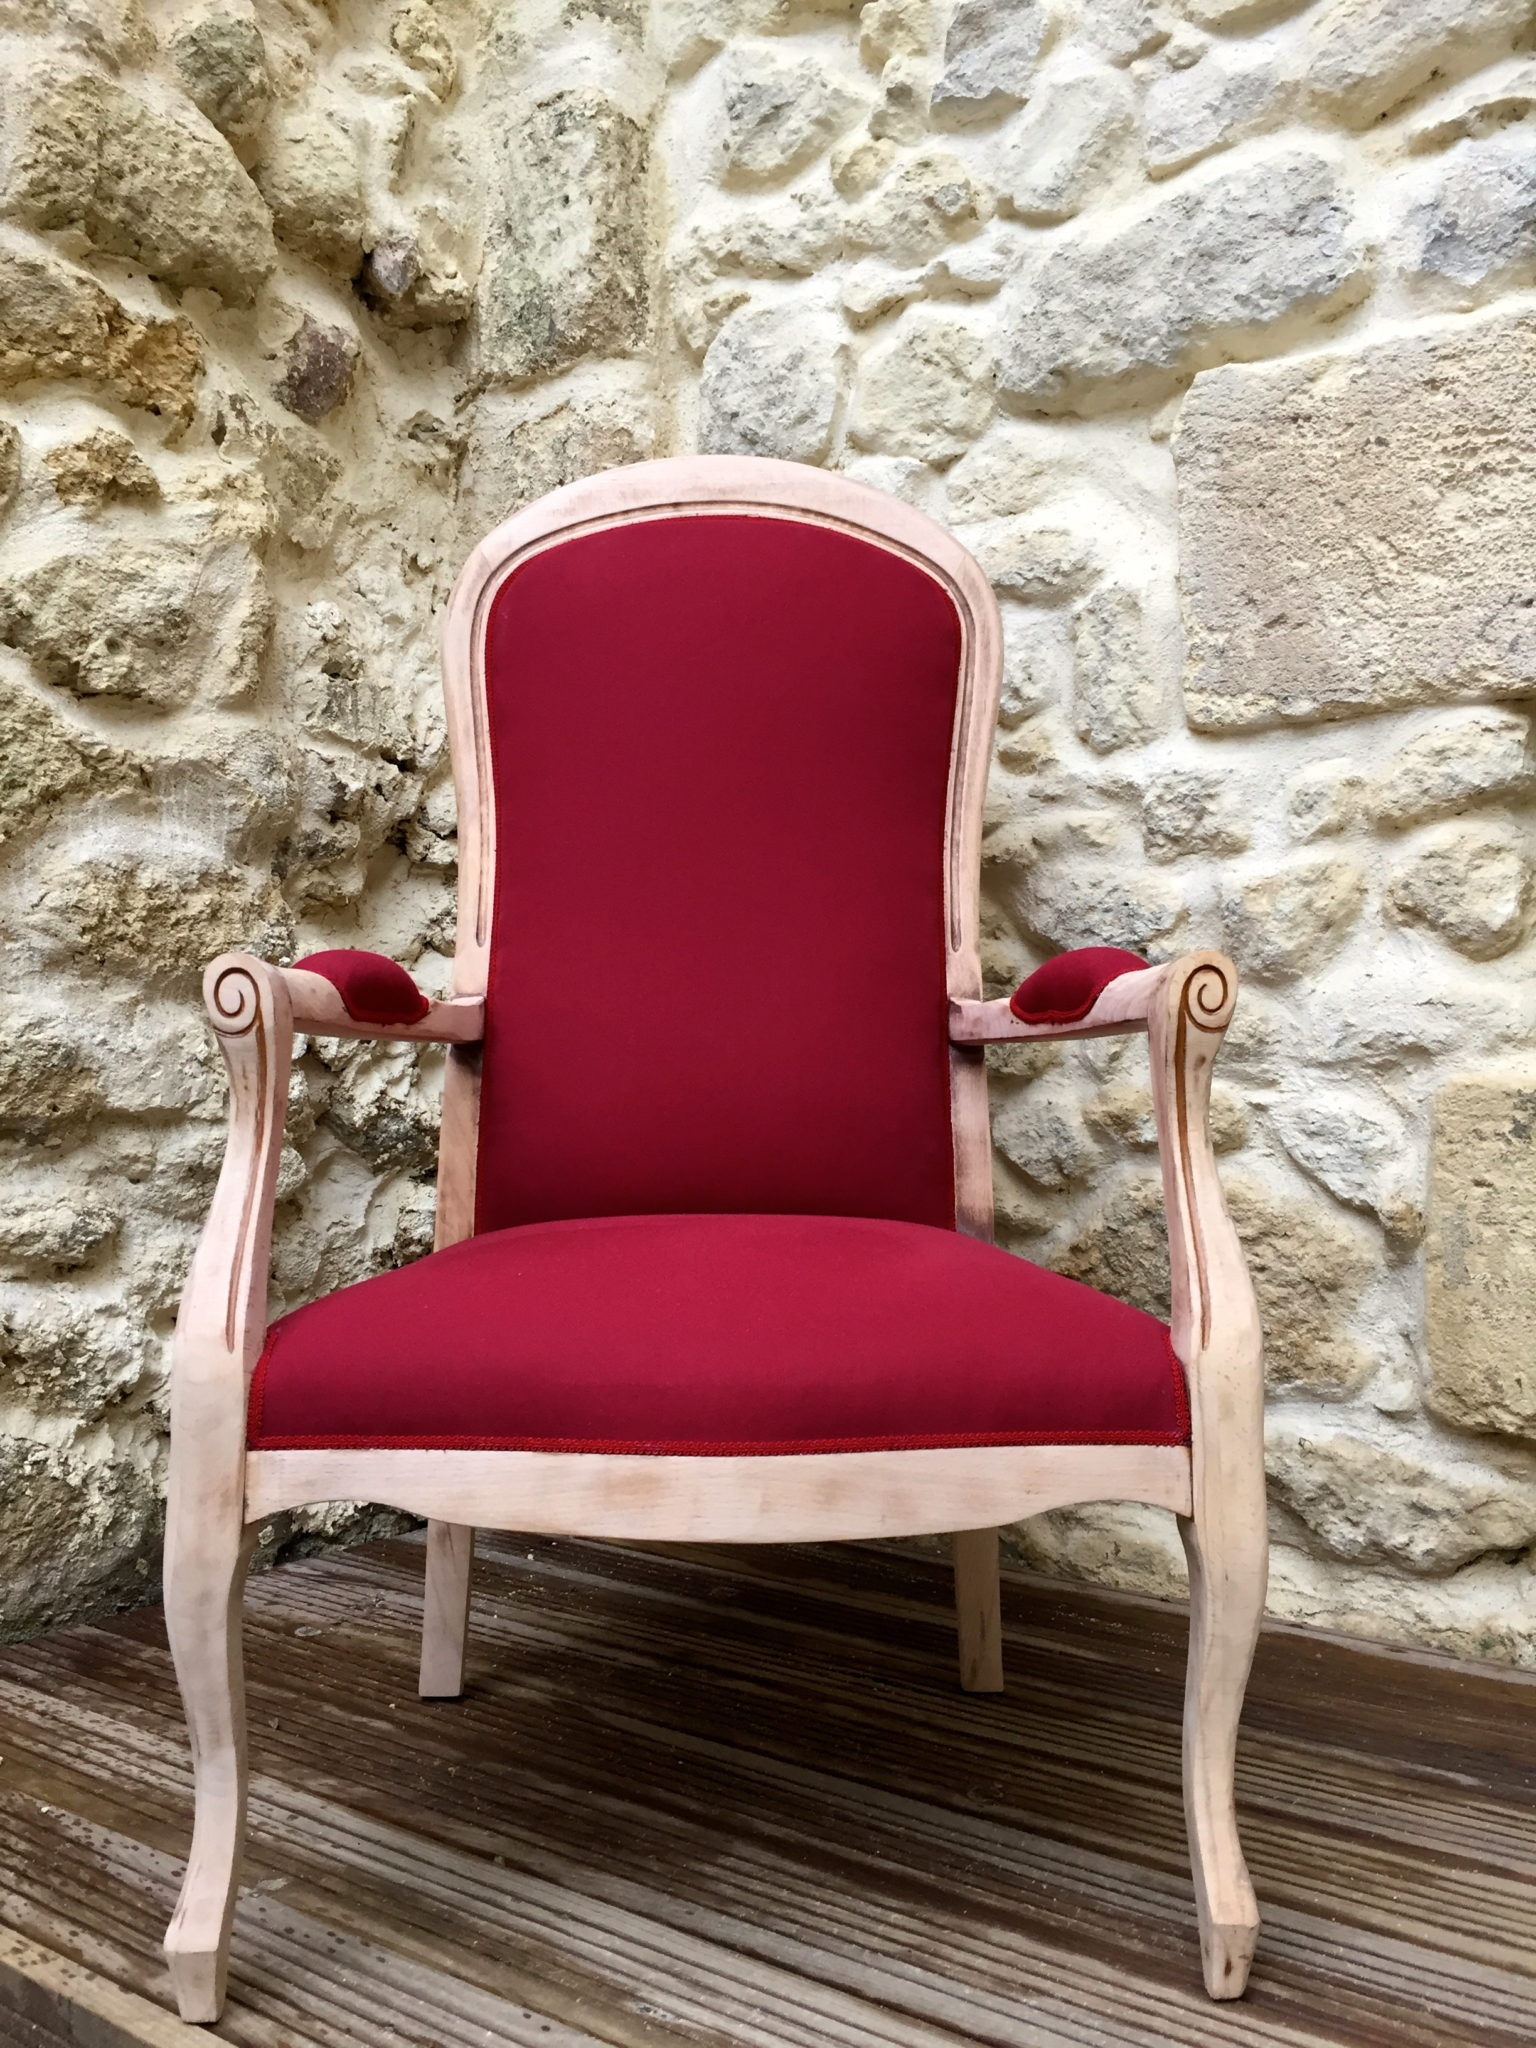 fabien-godrie-fauteuil-voltaire